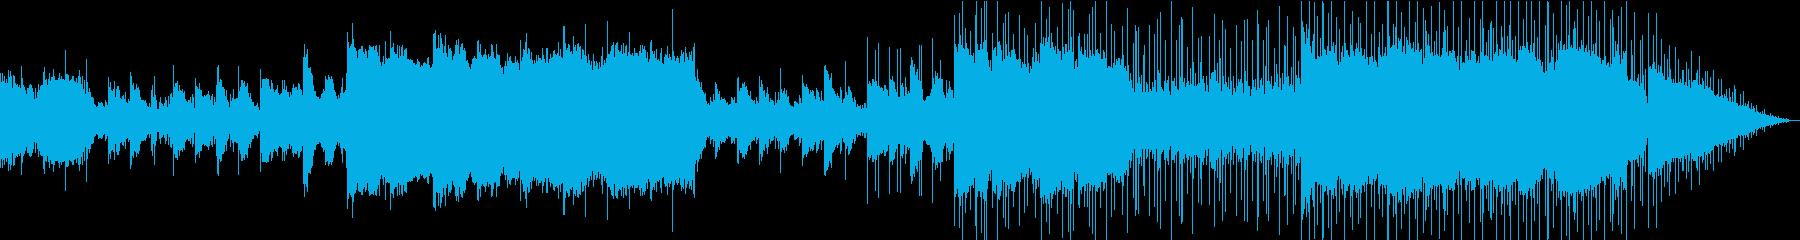 アンビエント/ポップス/バラードの再生済みの波形